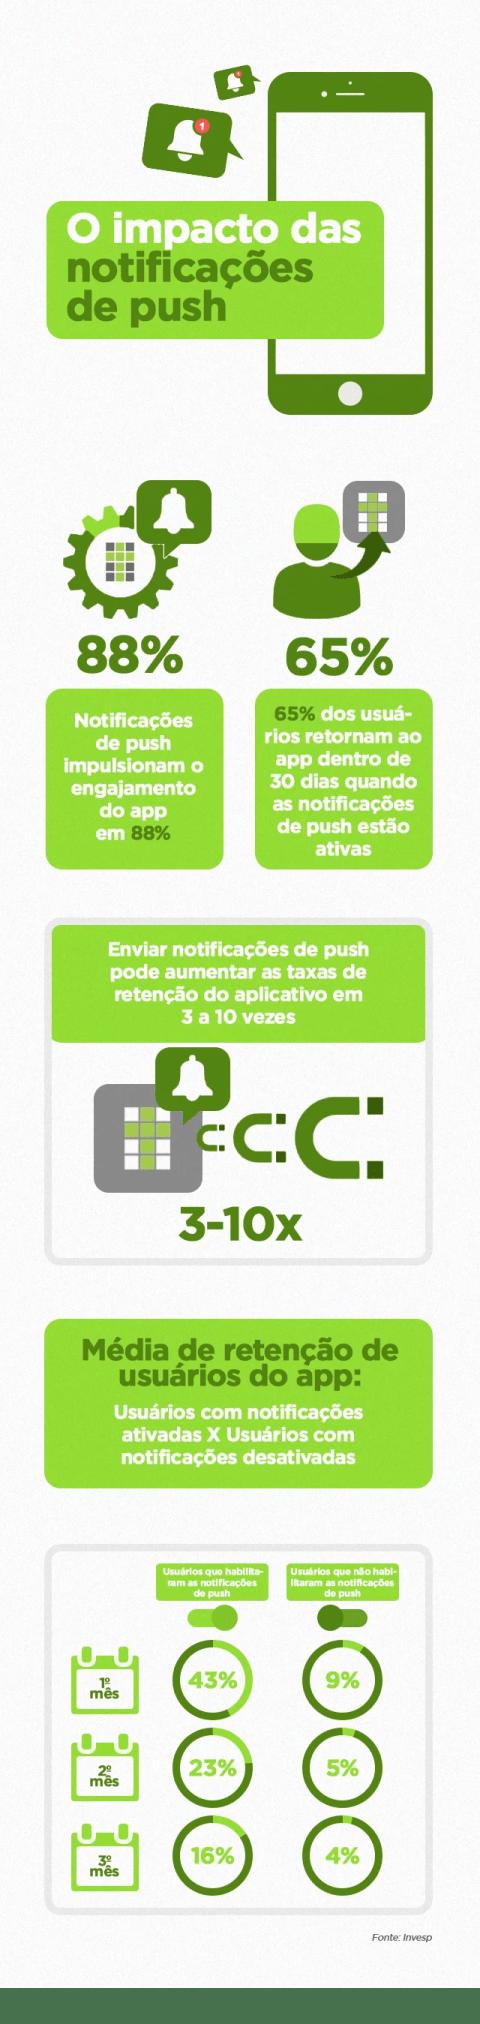 Infográfico mostra o impacto das notificações de push